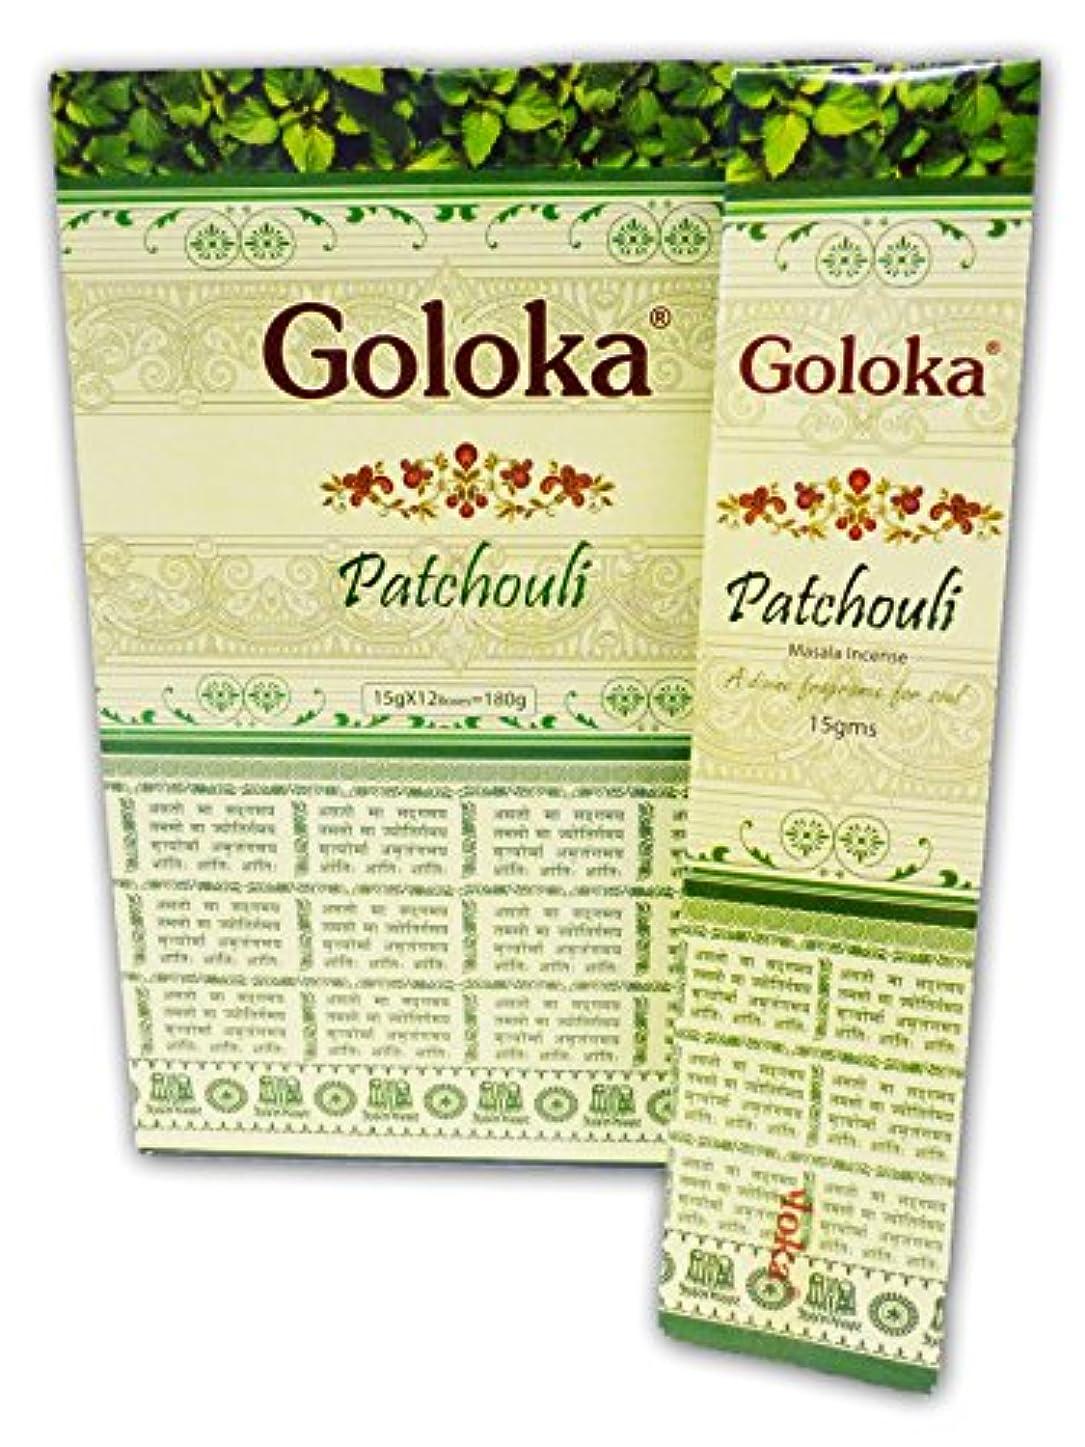 自伝蒸留するに向けて出発Goloka Patchouli Incense, 15 Gms x 12 Packs